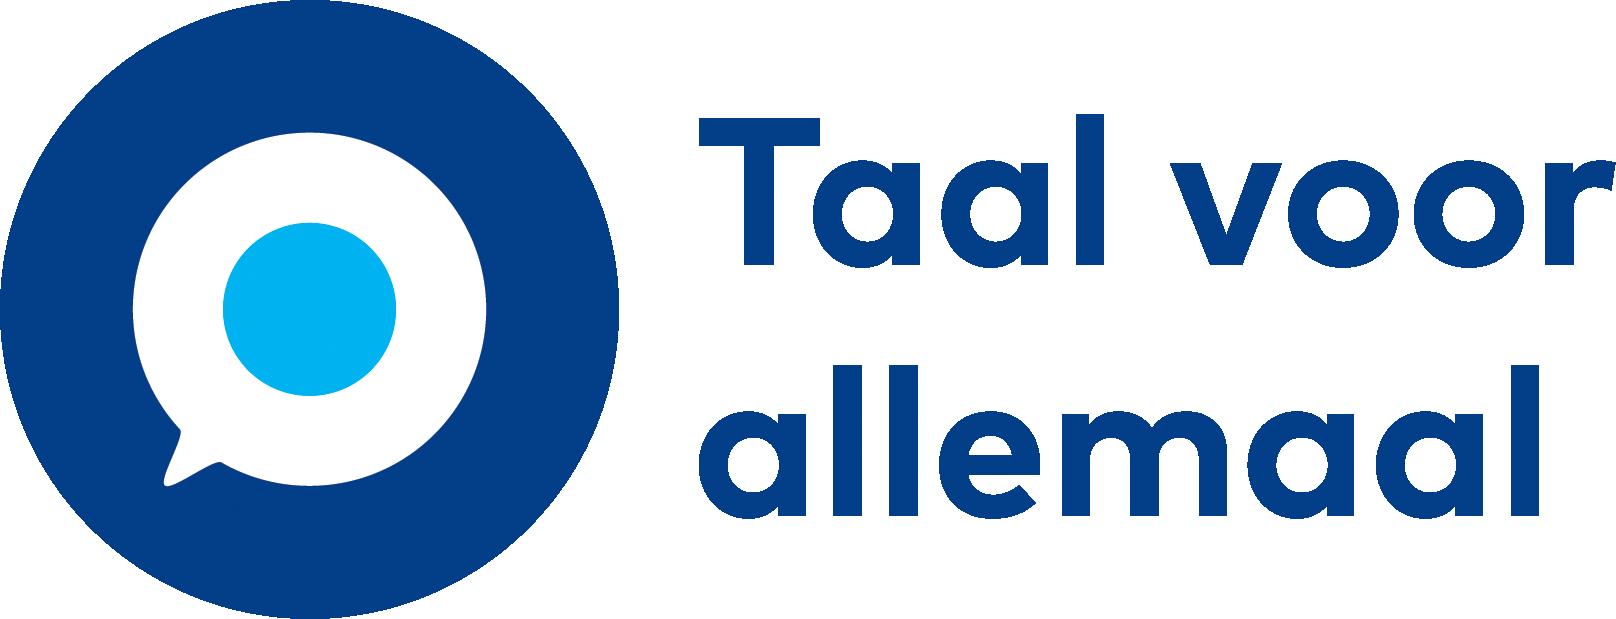 Taal voor allemaal logo